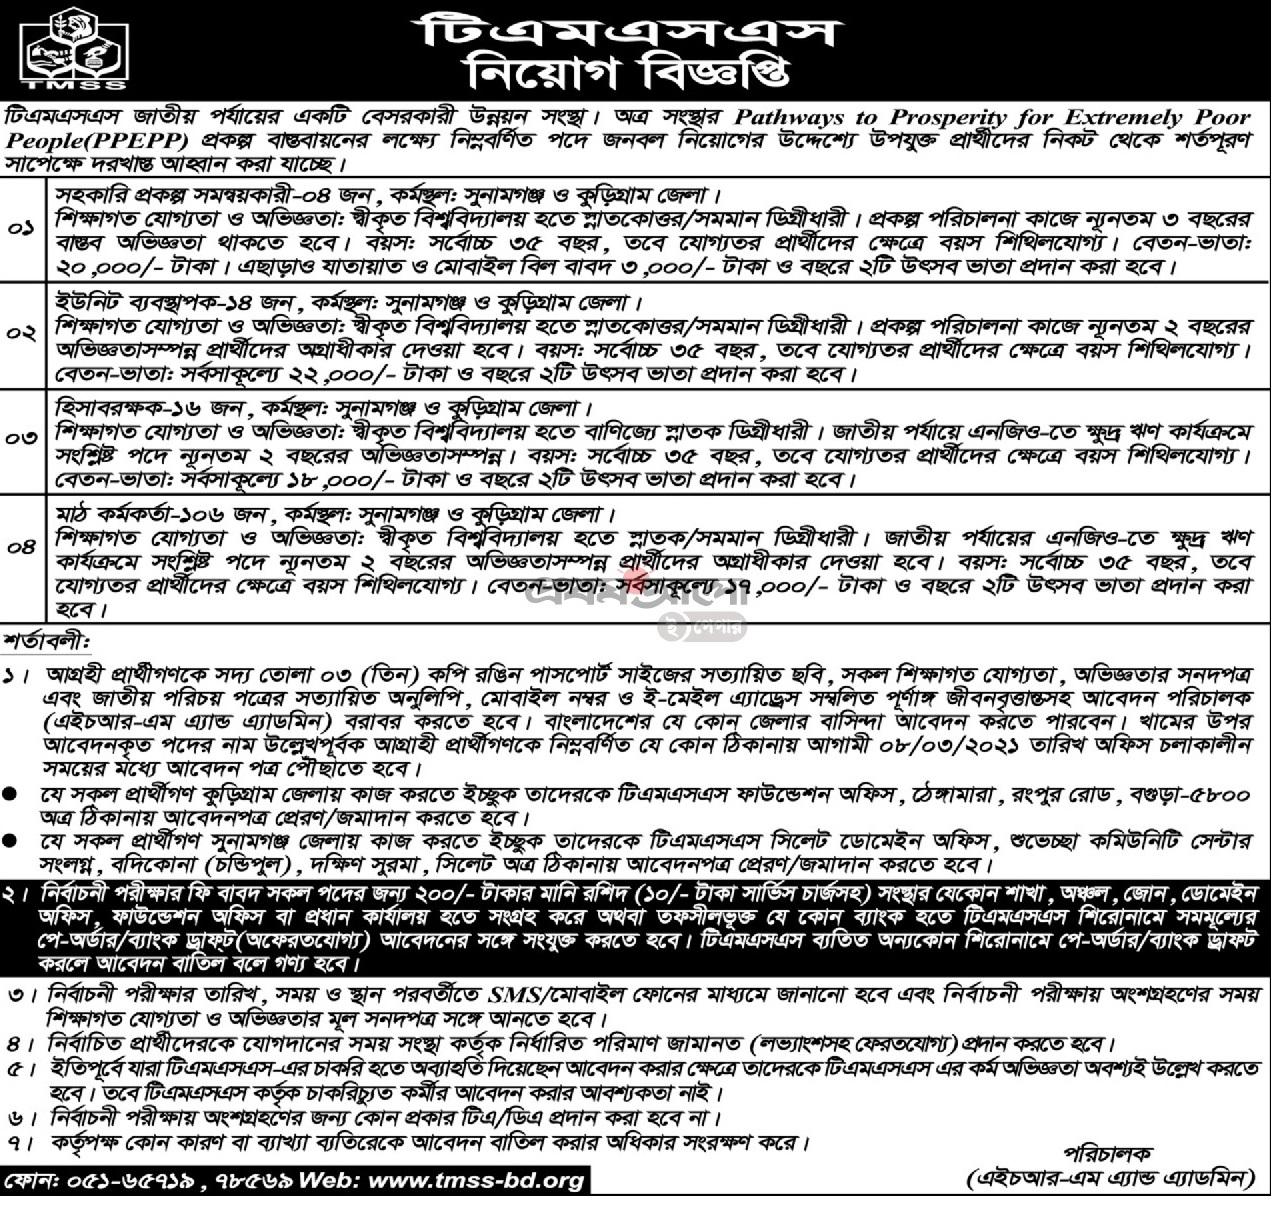 Prothom Alo Newspaper Job Circular 2021